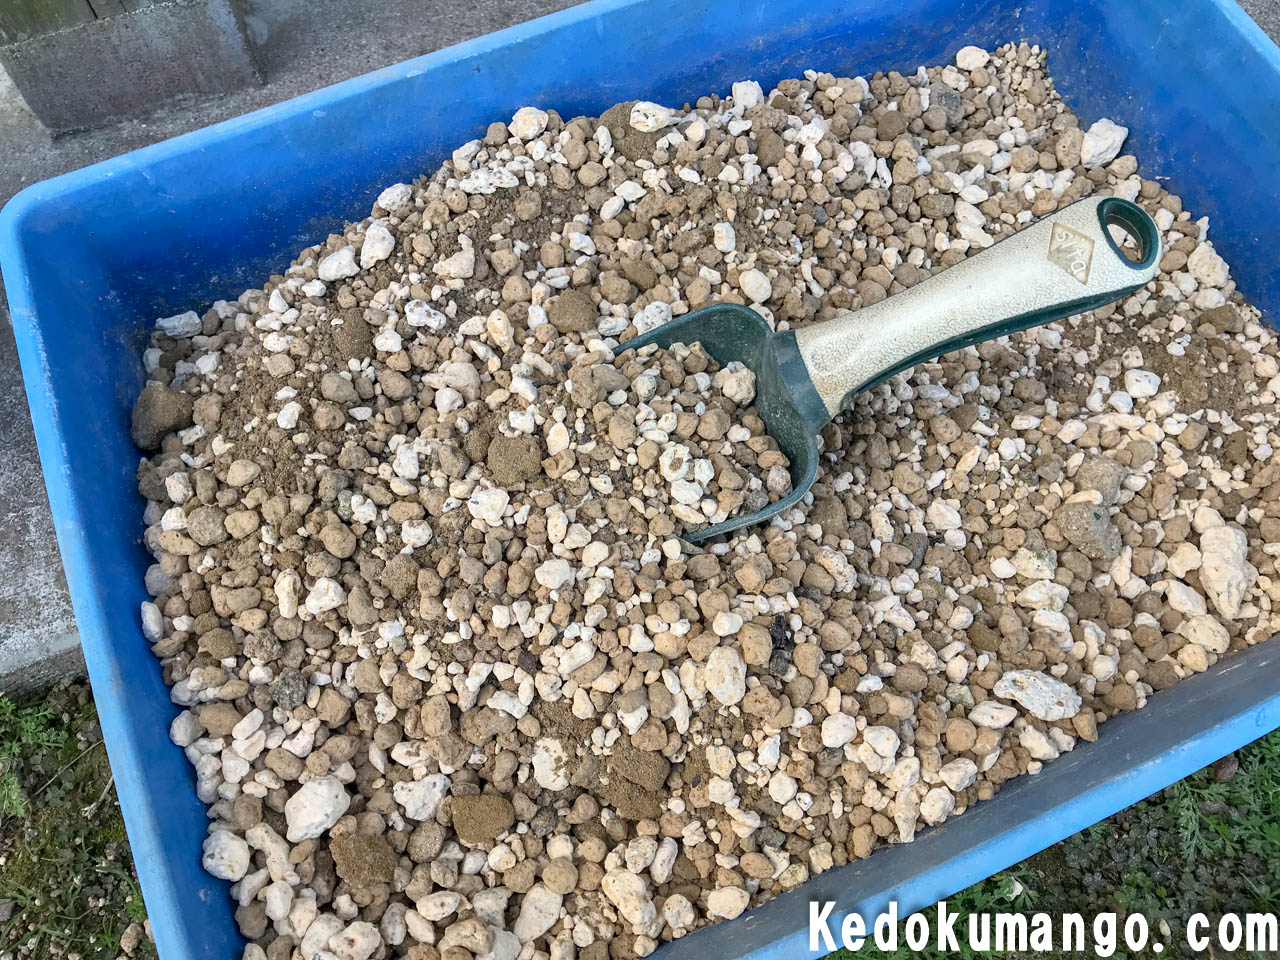 植え替えにに用いた用土